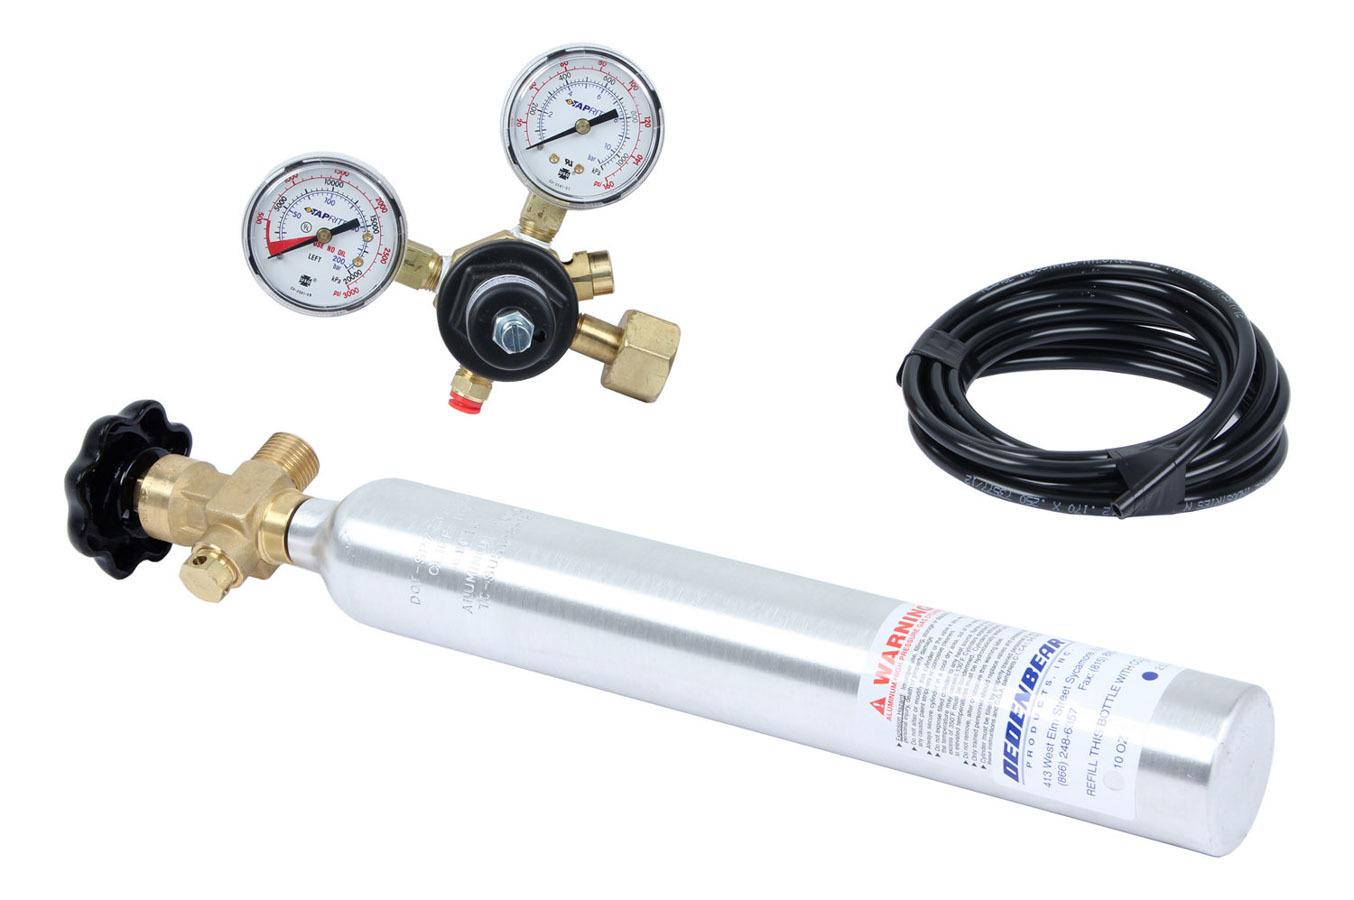 Dedenbear CO2 Regulator Kit